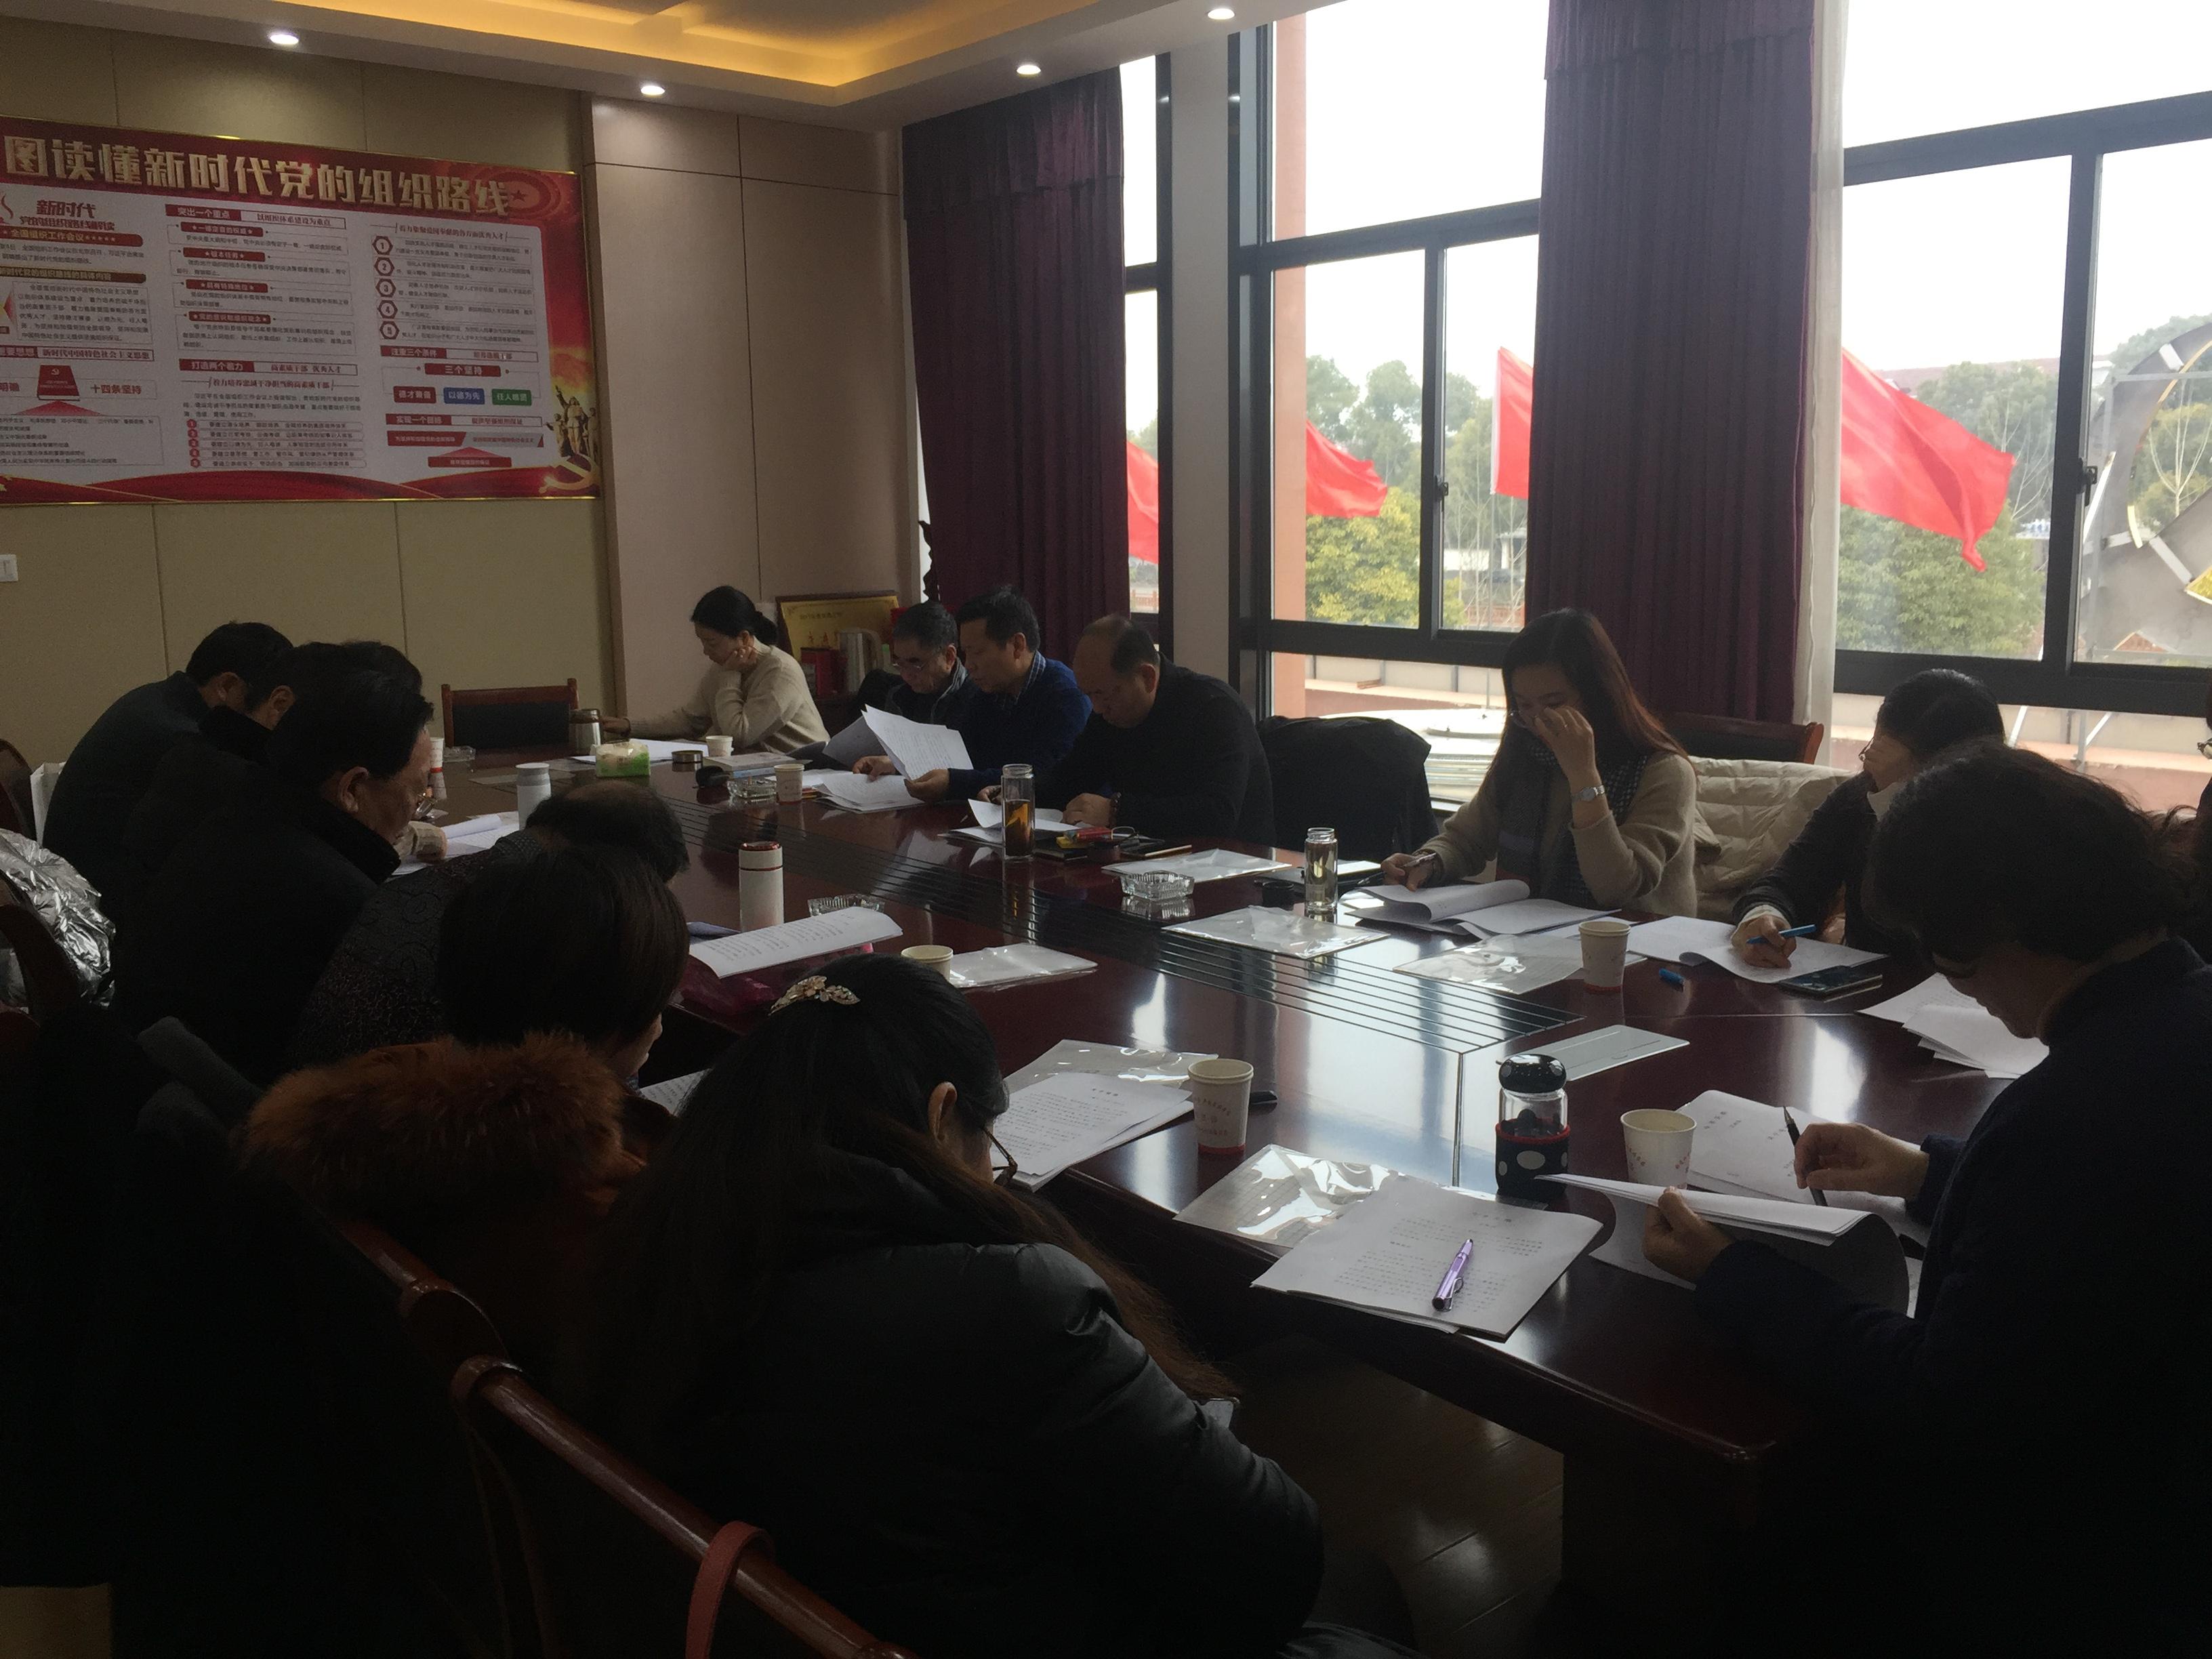 丹阳市吕城镇举行写作培训班活动